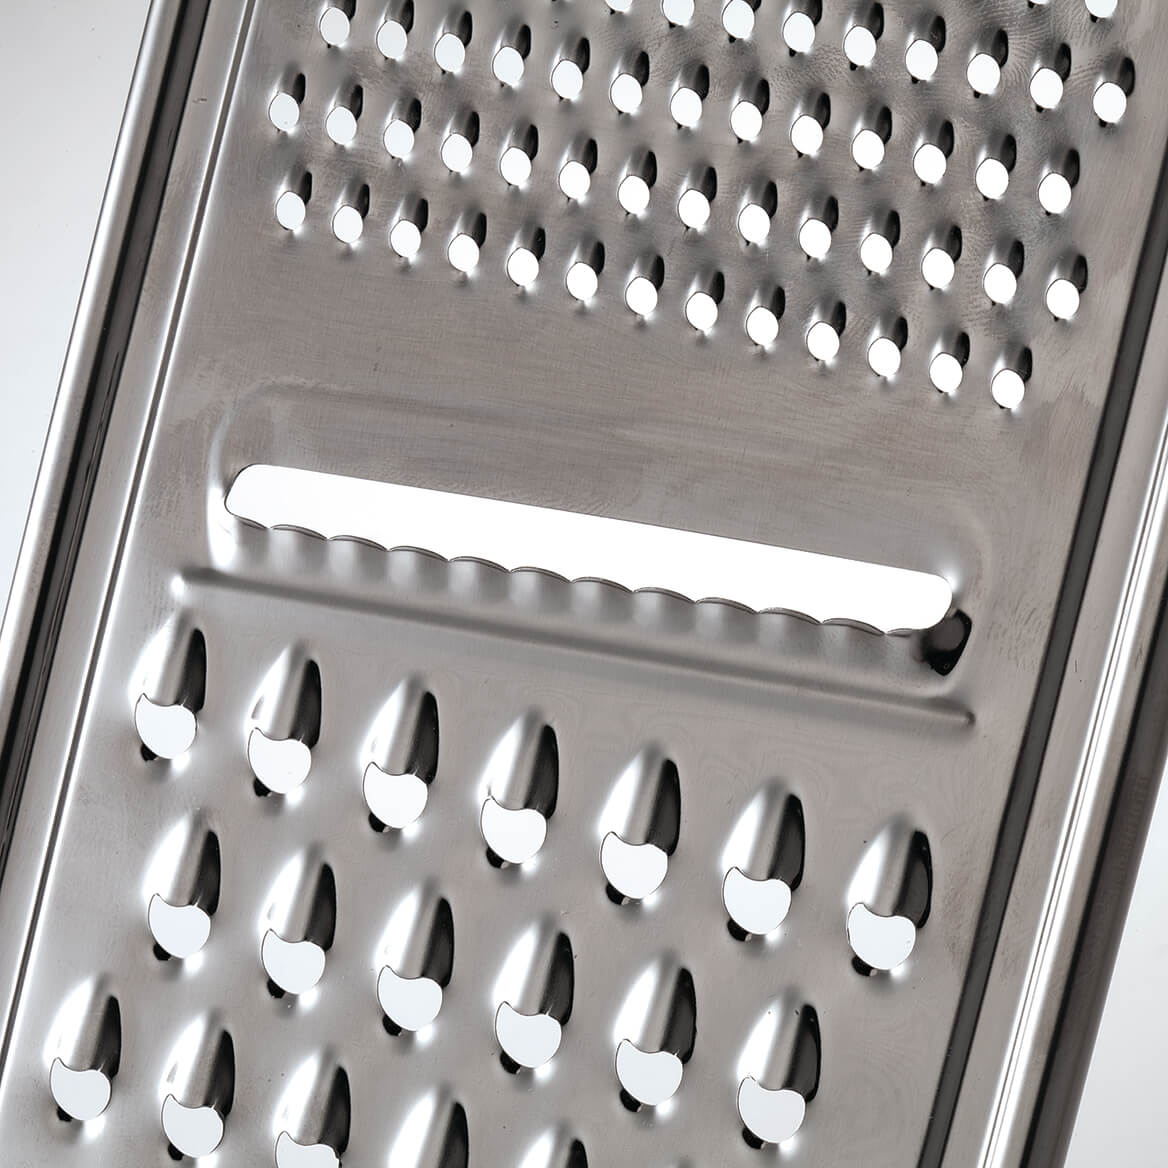 Stainless Steel Multi-Functional Grater & Slicer-371390